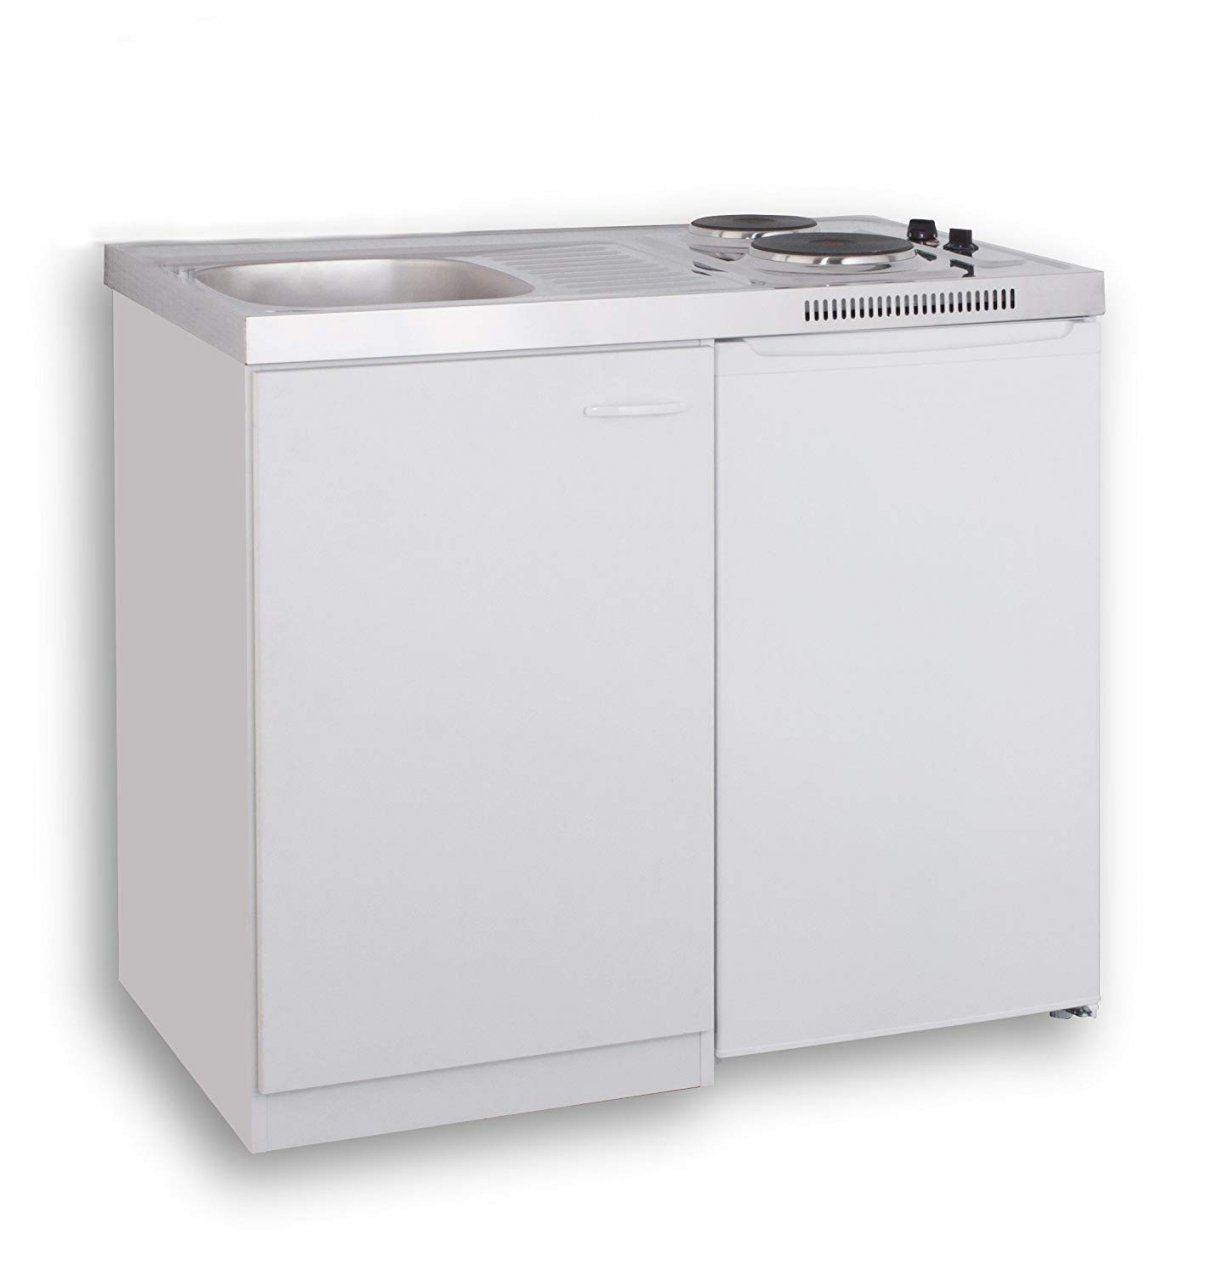 Kühlschrank  Faszinierend S Klasse Kühlschrank Mebasa Mk0001 von Pantryküche 100 Cm Mit Kühlschrank Photo